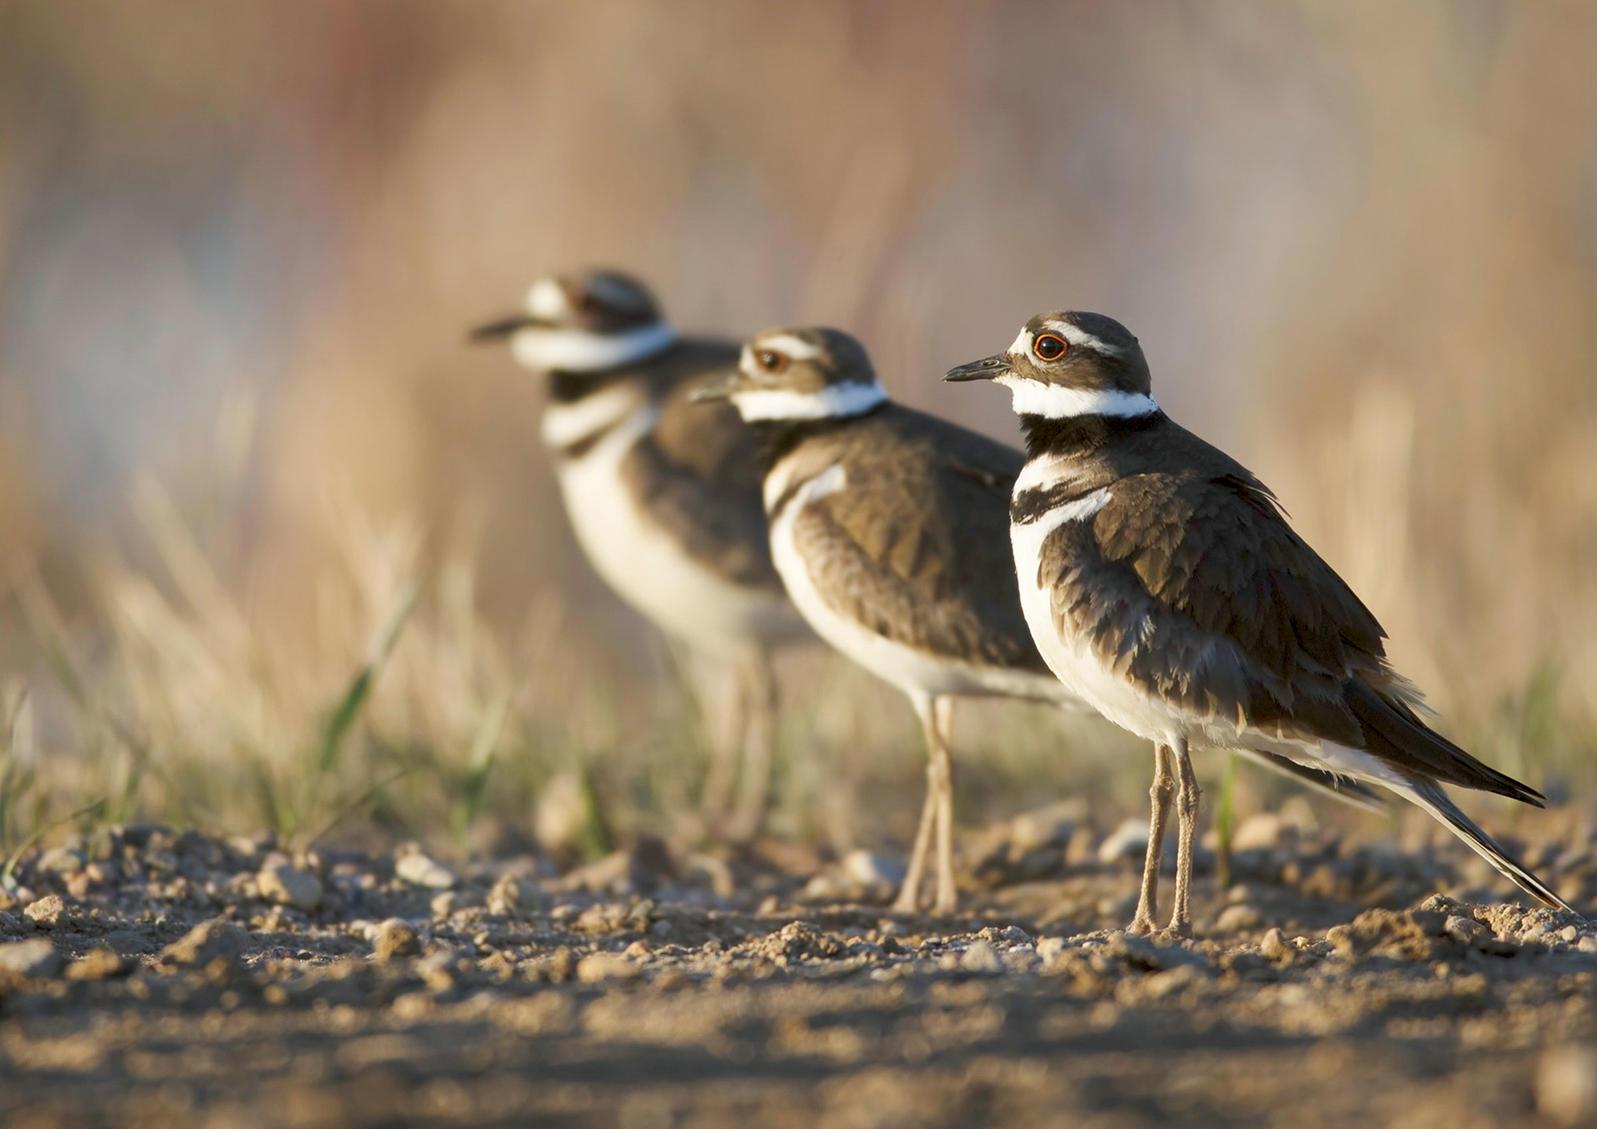 Killdeer. Harry Colquhoun/Audubon Photography Awards